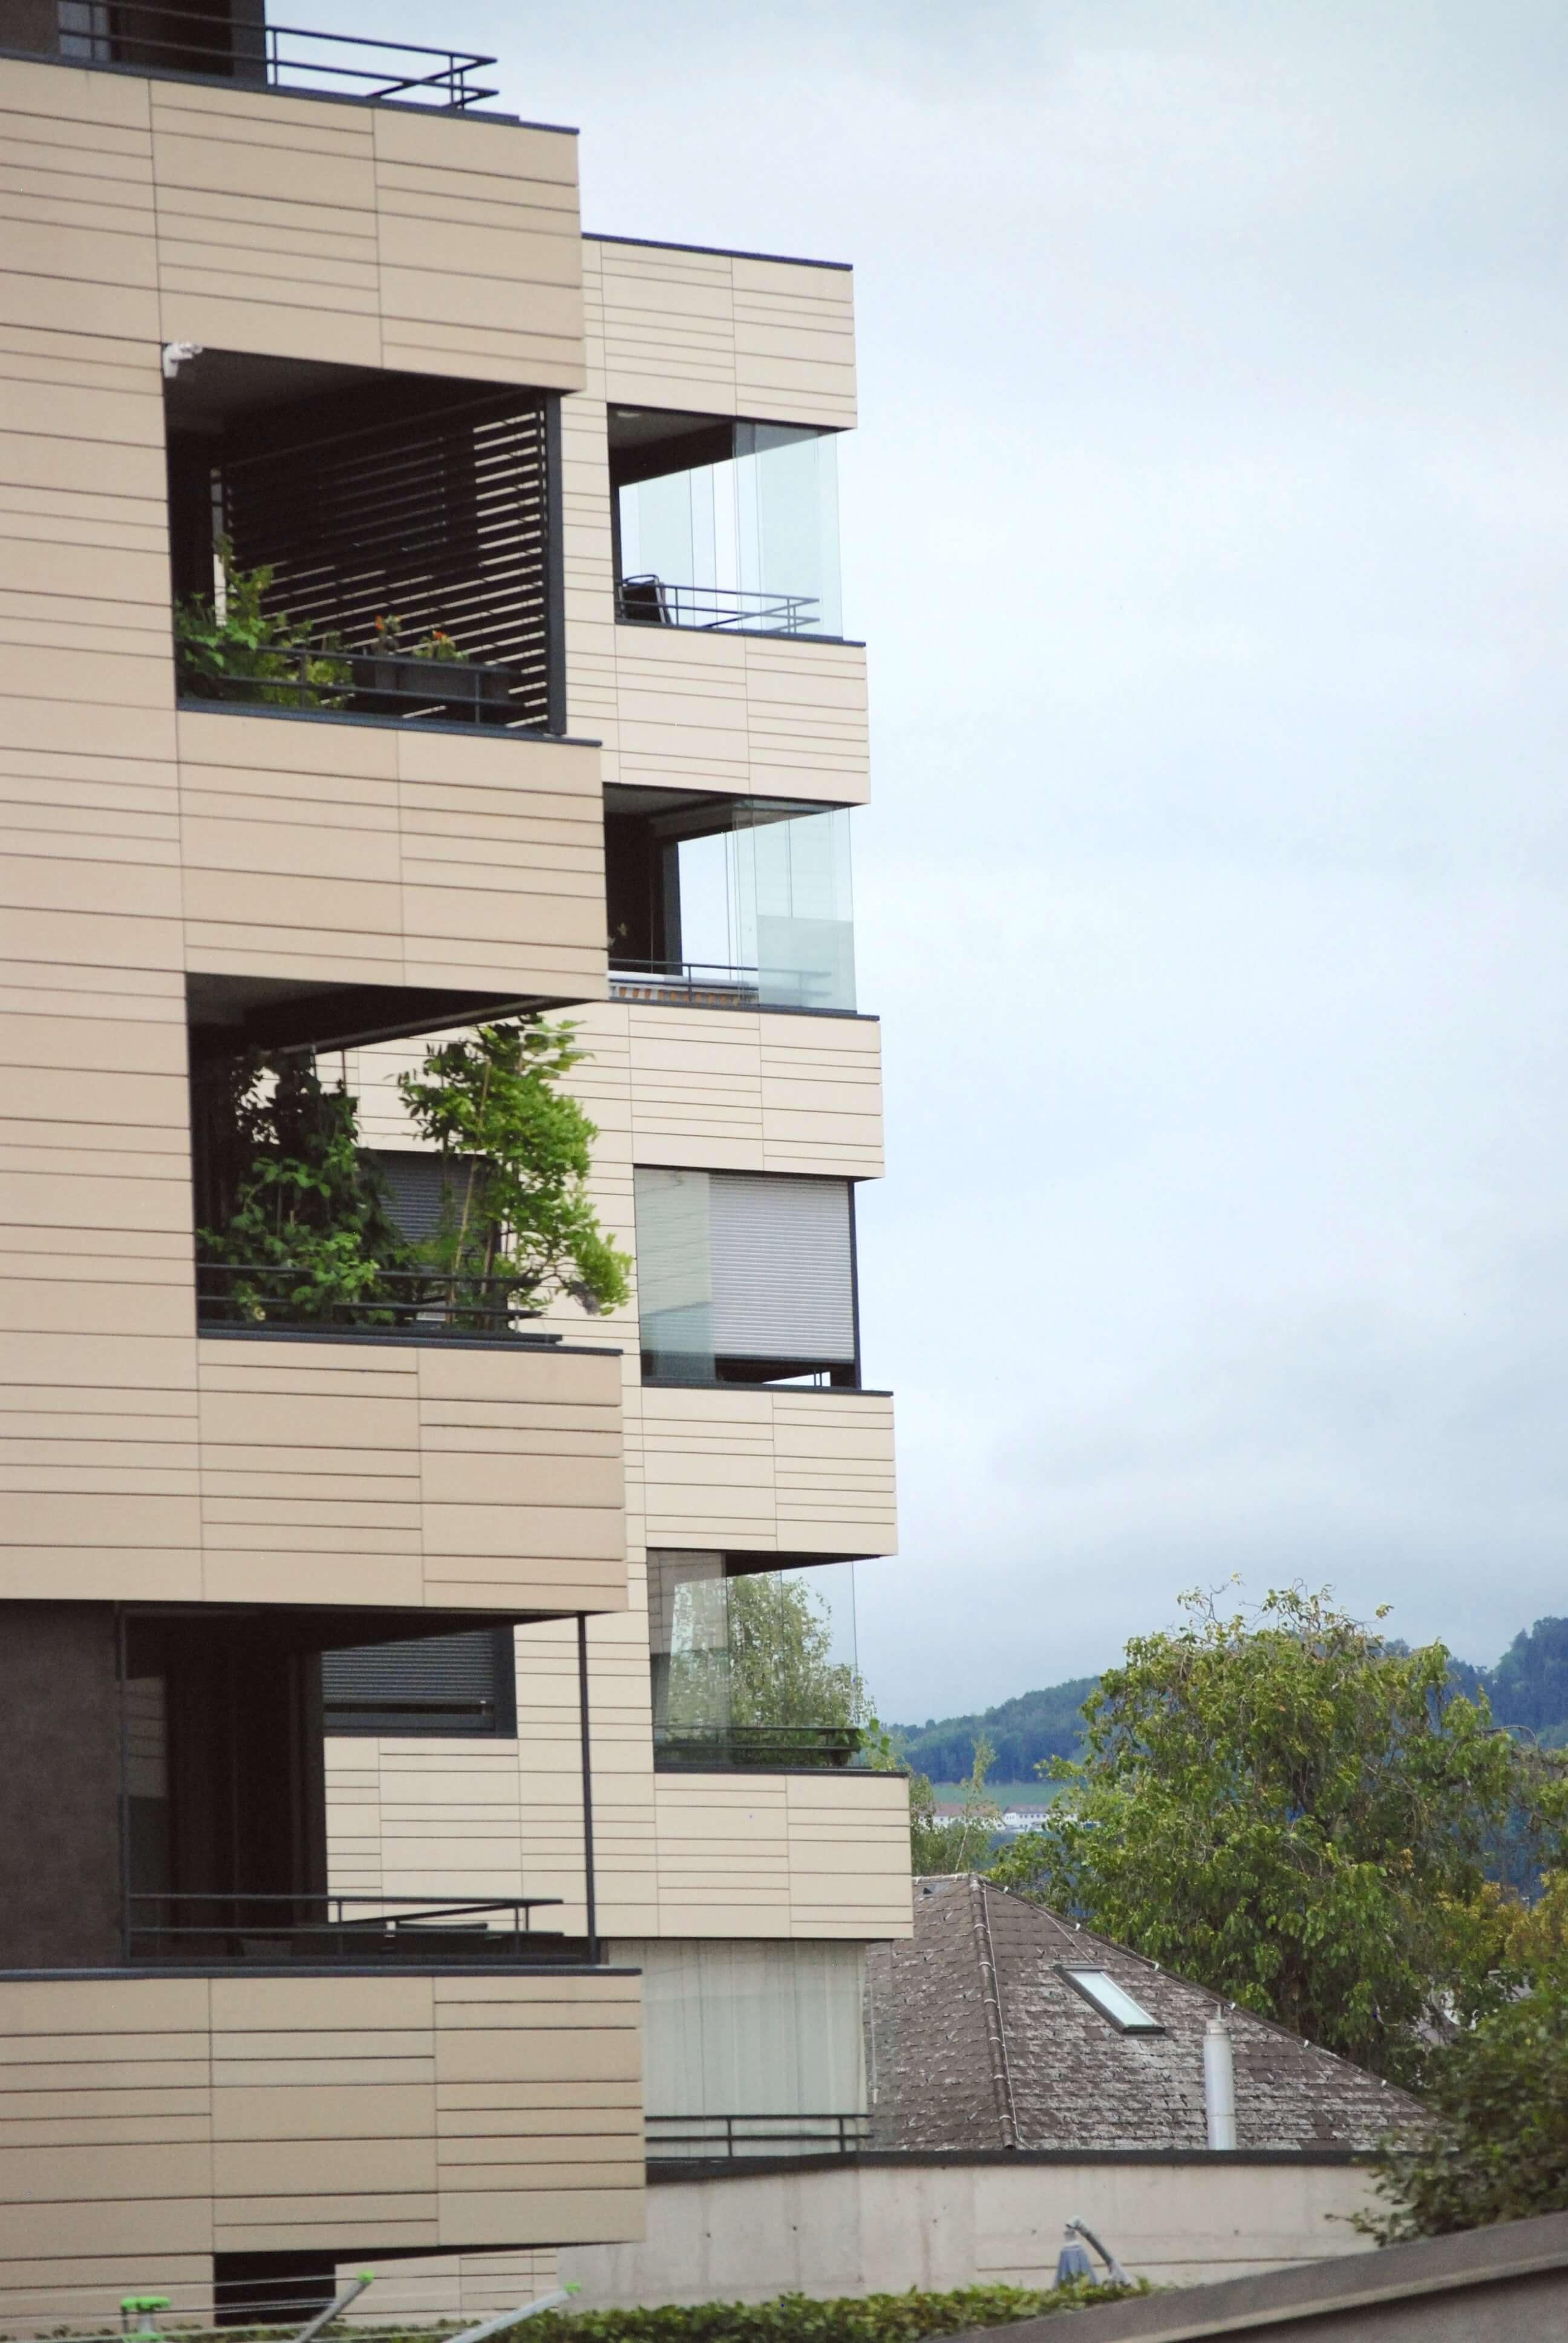 Häufig Loggia und Balkon Verglasungen | Planung und Maßanfertigung BZ88